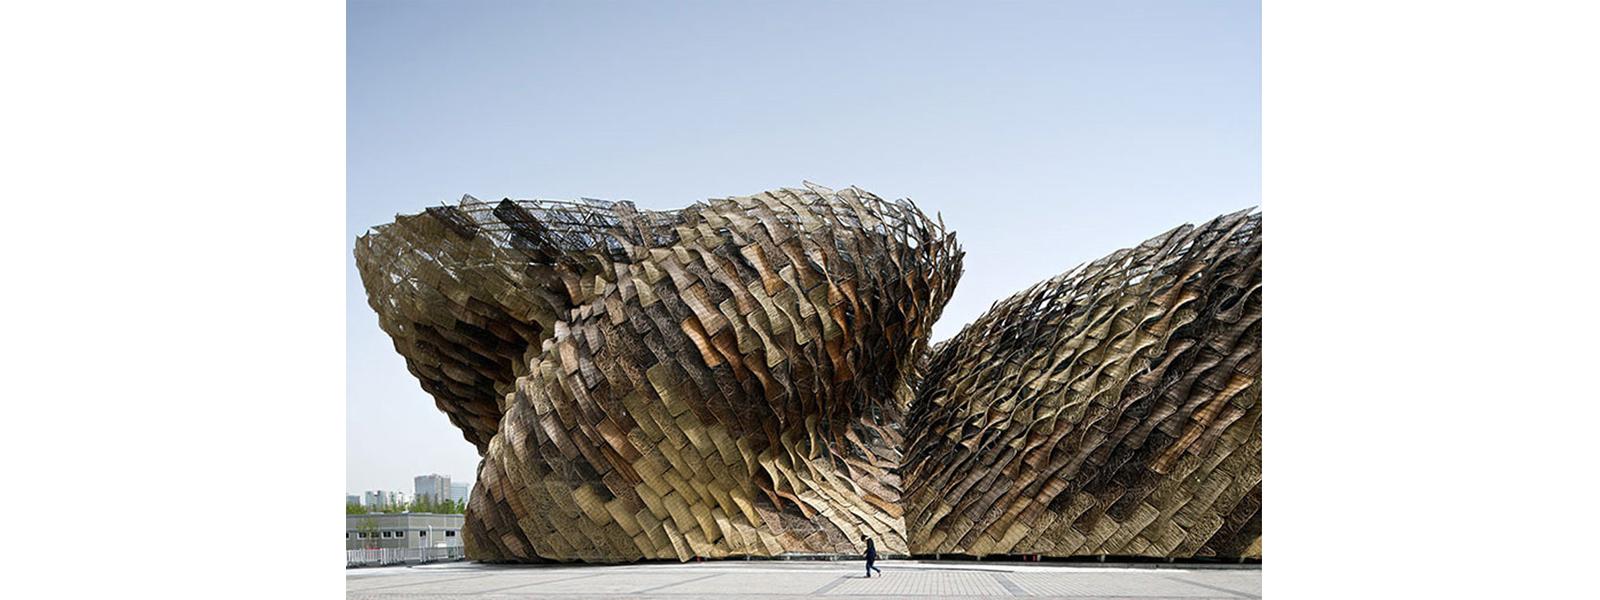 estrutura tensionada, paineis artesanais, forma livre